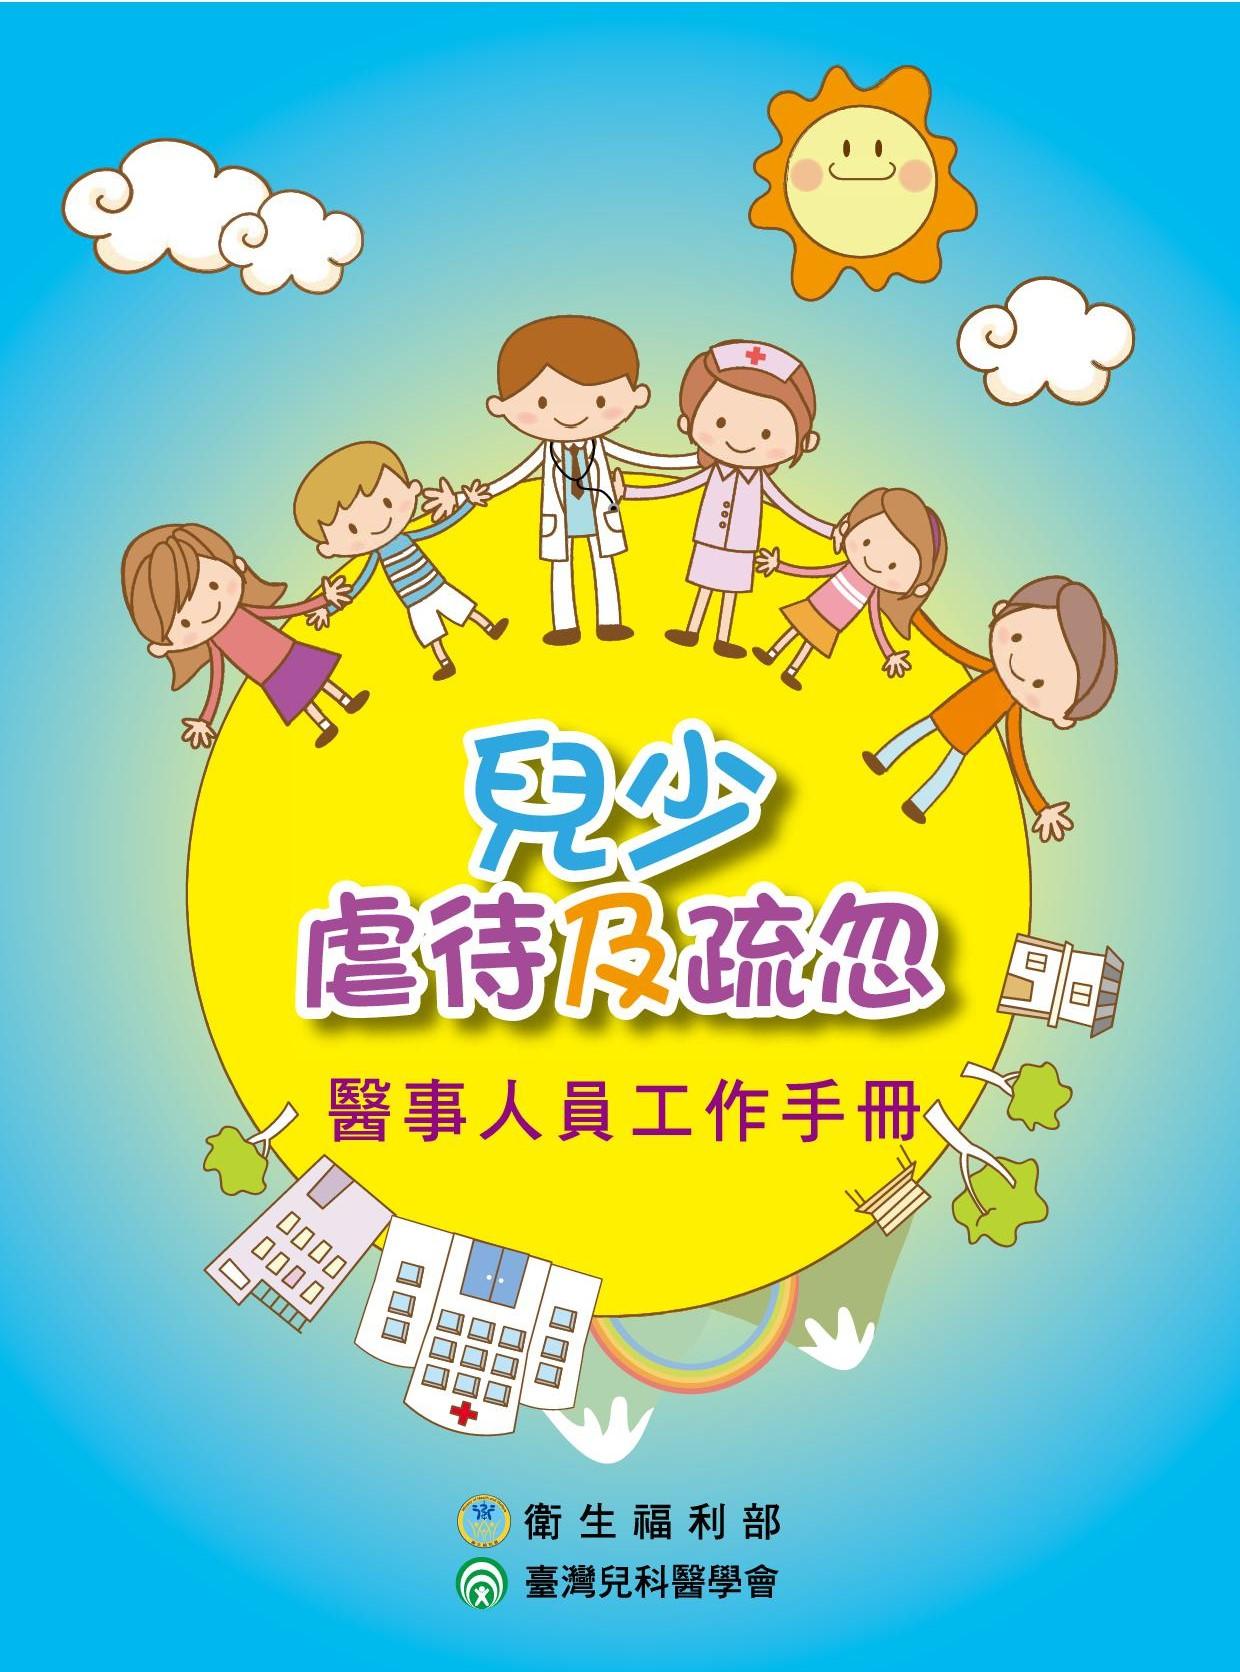 兒少虐待及疏忽-醫事人員工作手冊(2014年12月出版)